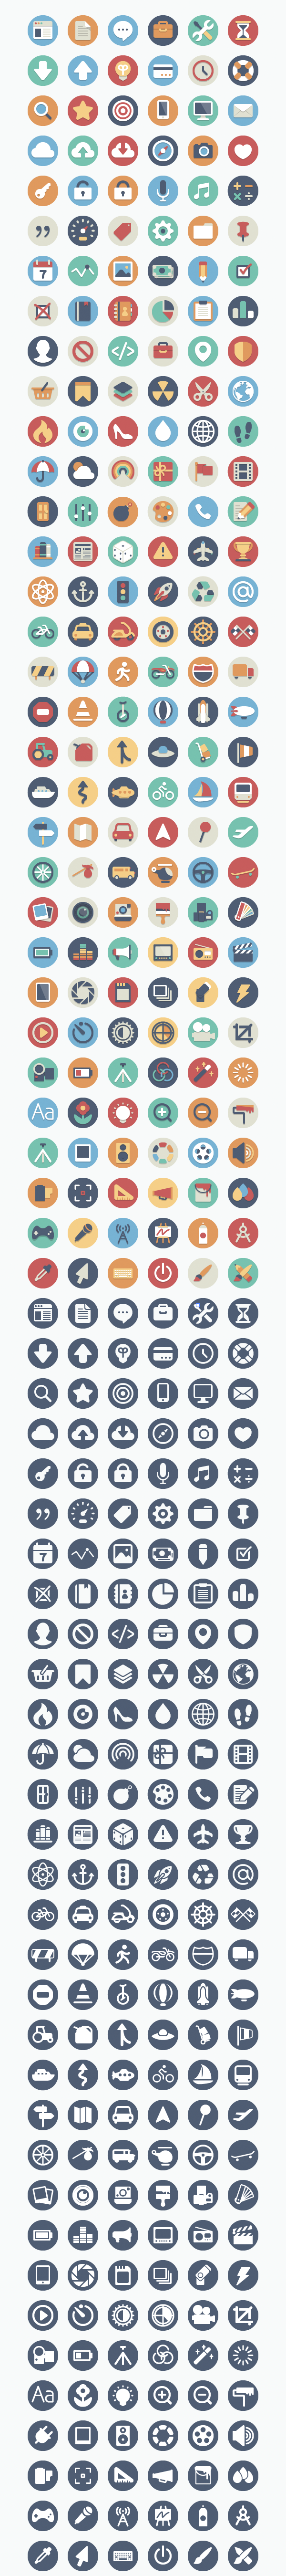 Lindos Flat Icons – Baixe gratuitamente mais de 300 ícones Flat